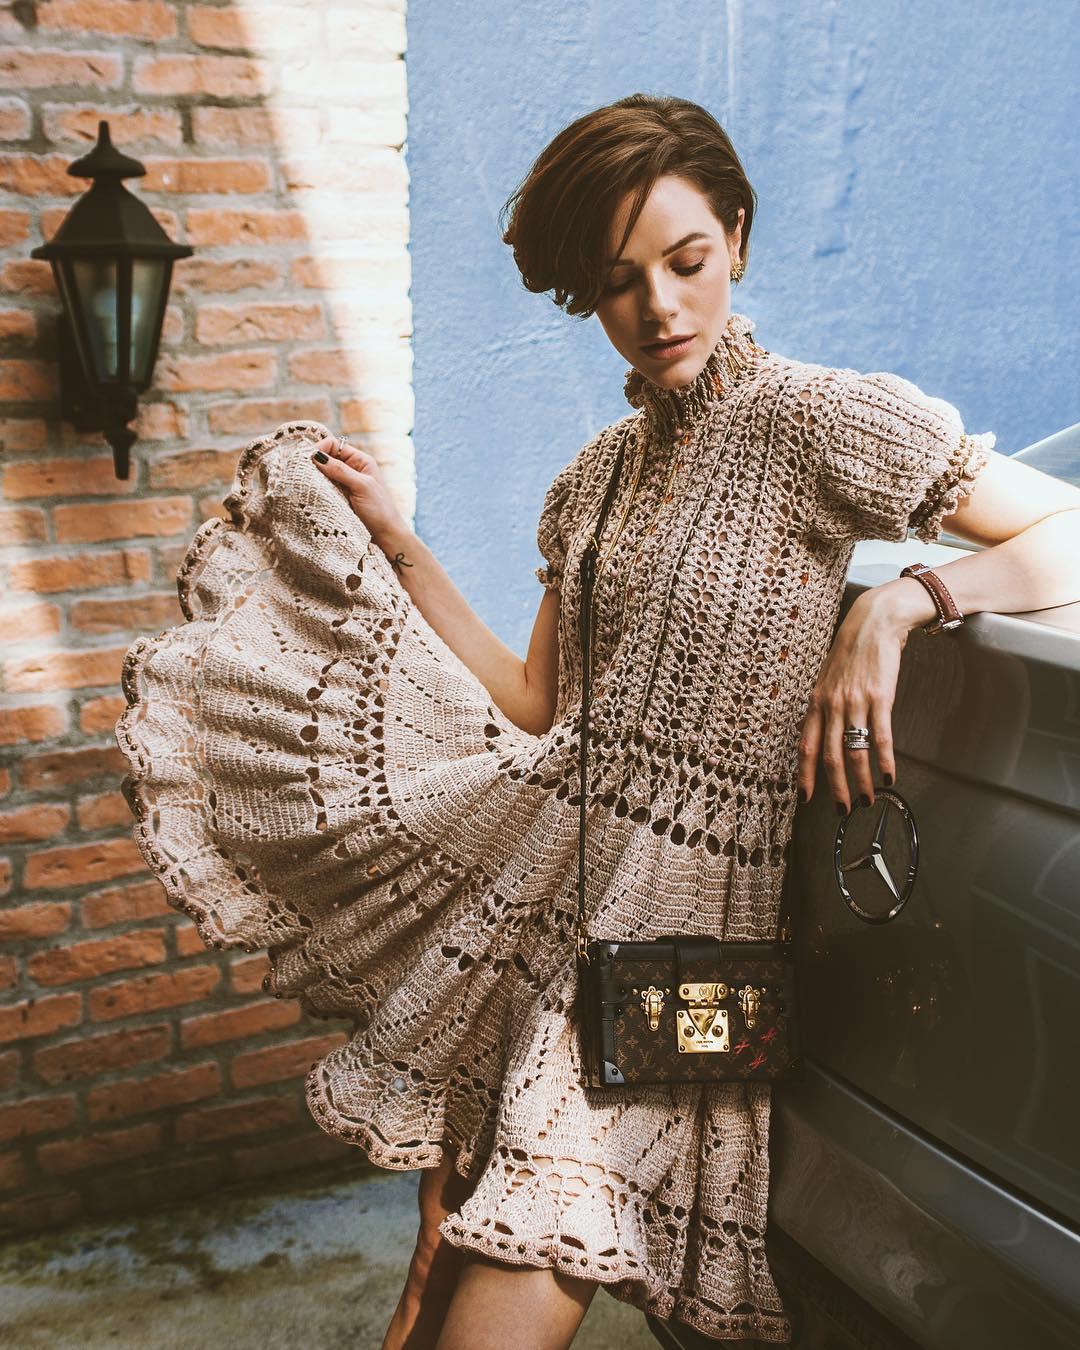 43a26cc532de Vestido de crochê: charme e delicadeza no look